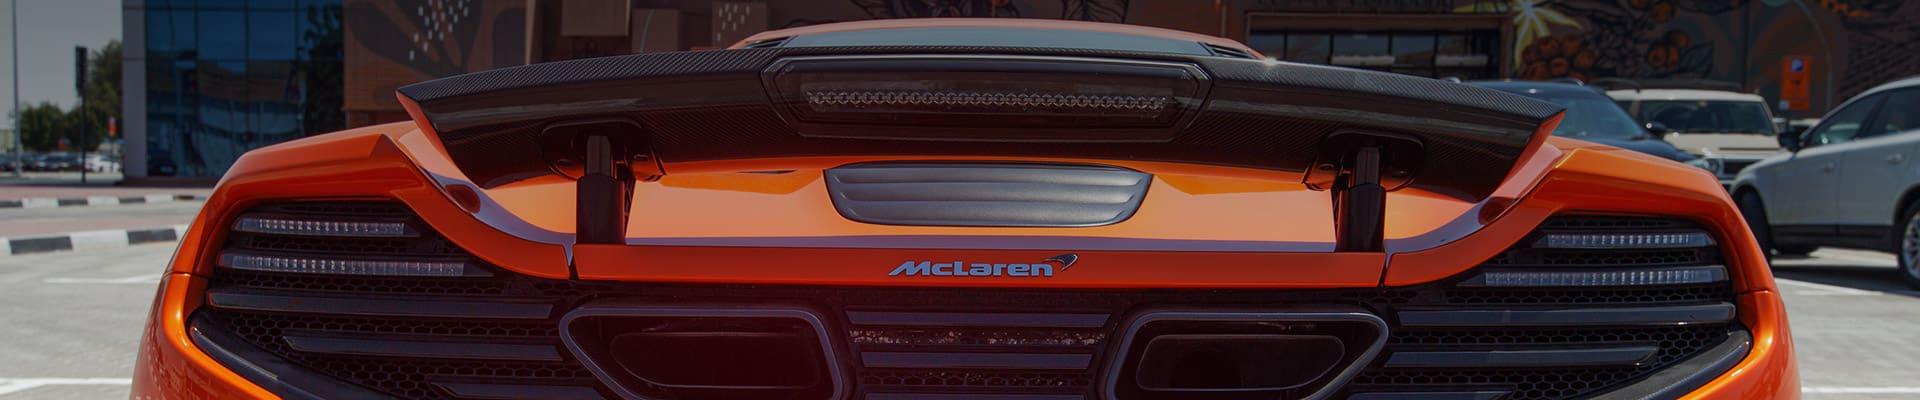 רכב מקלארן